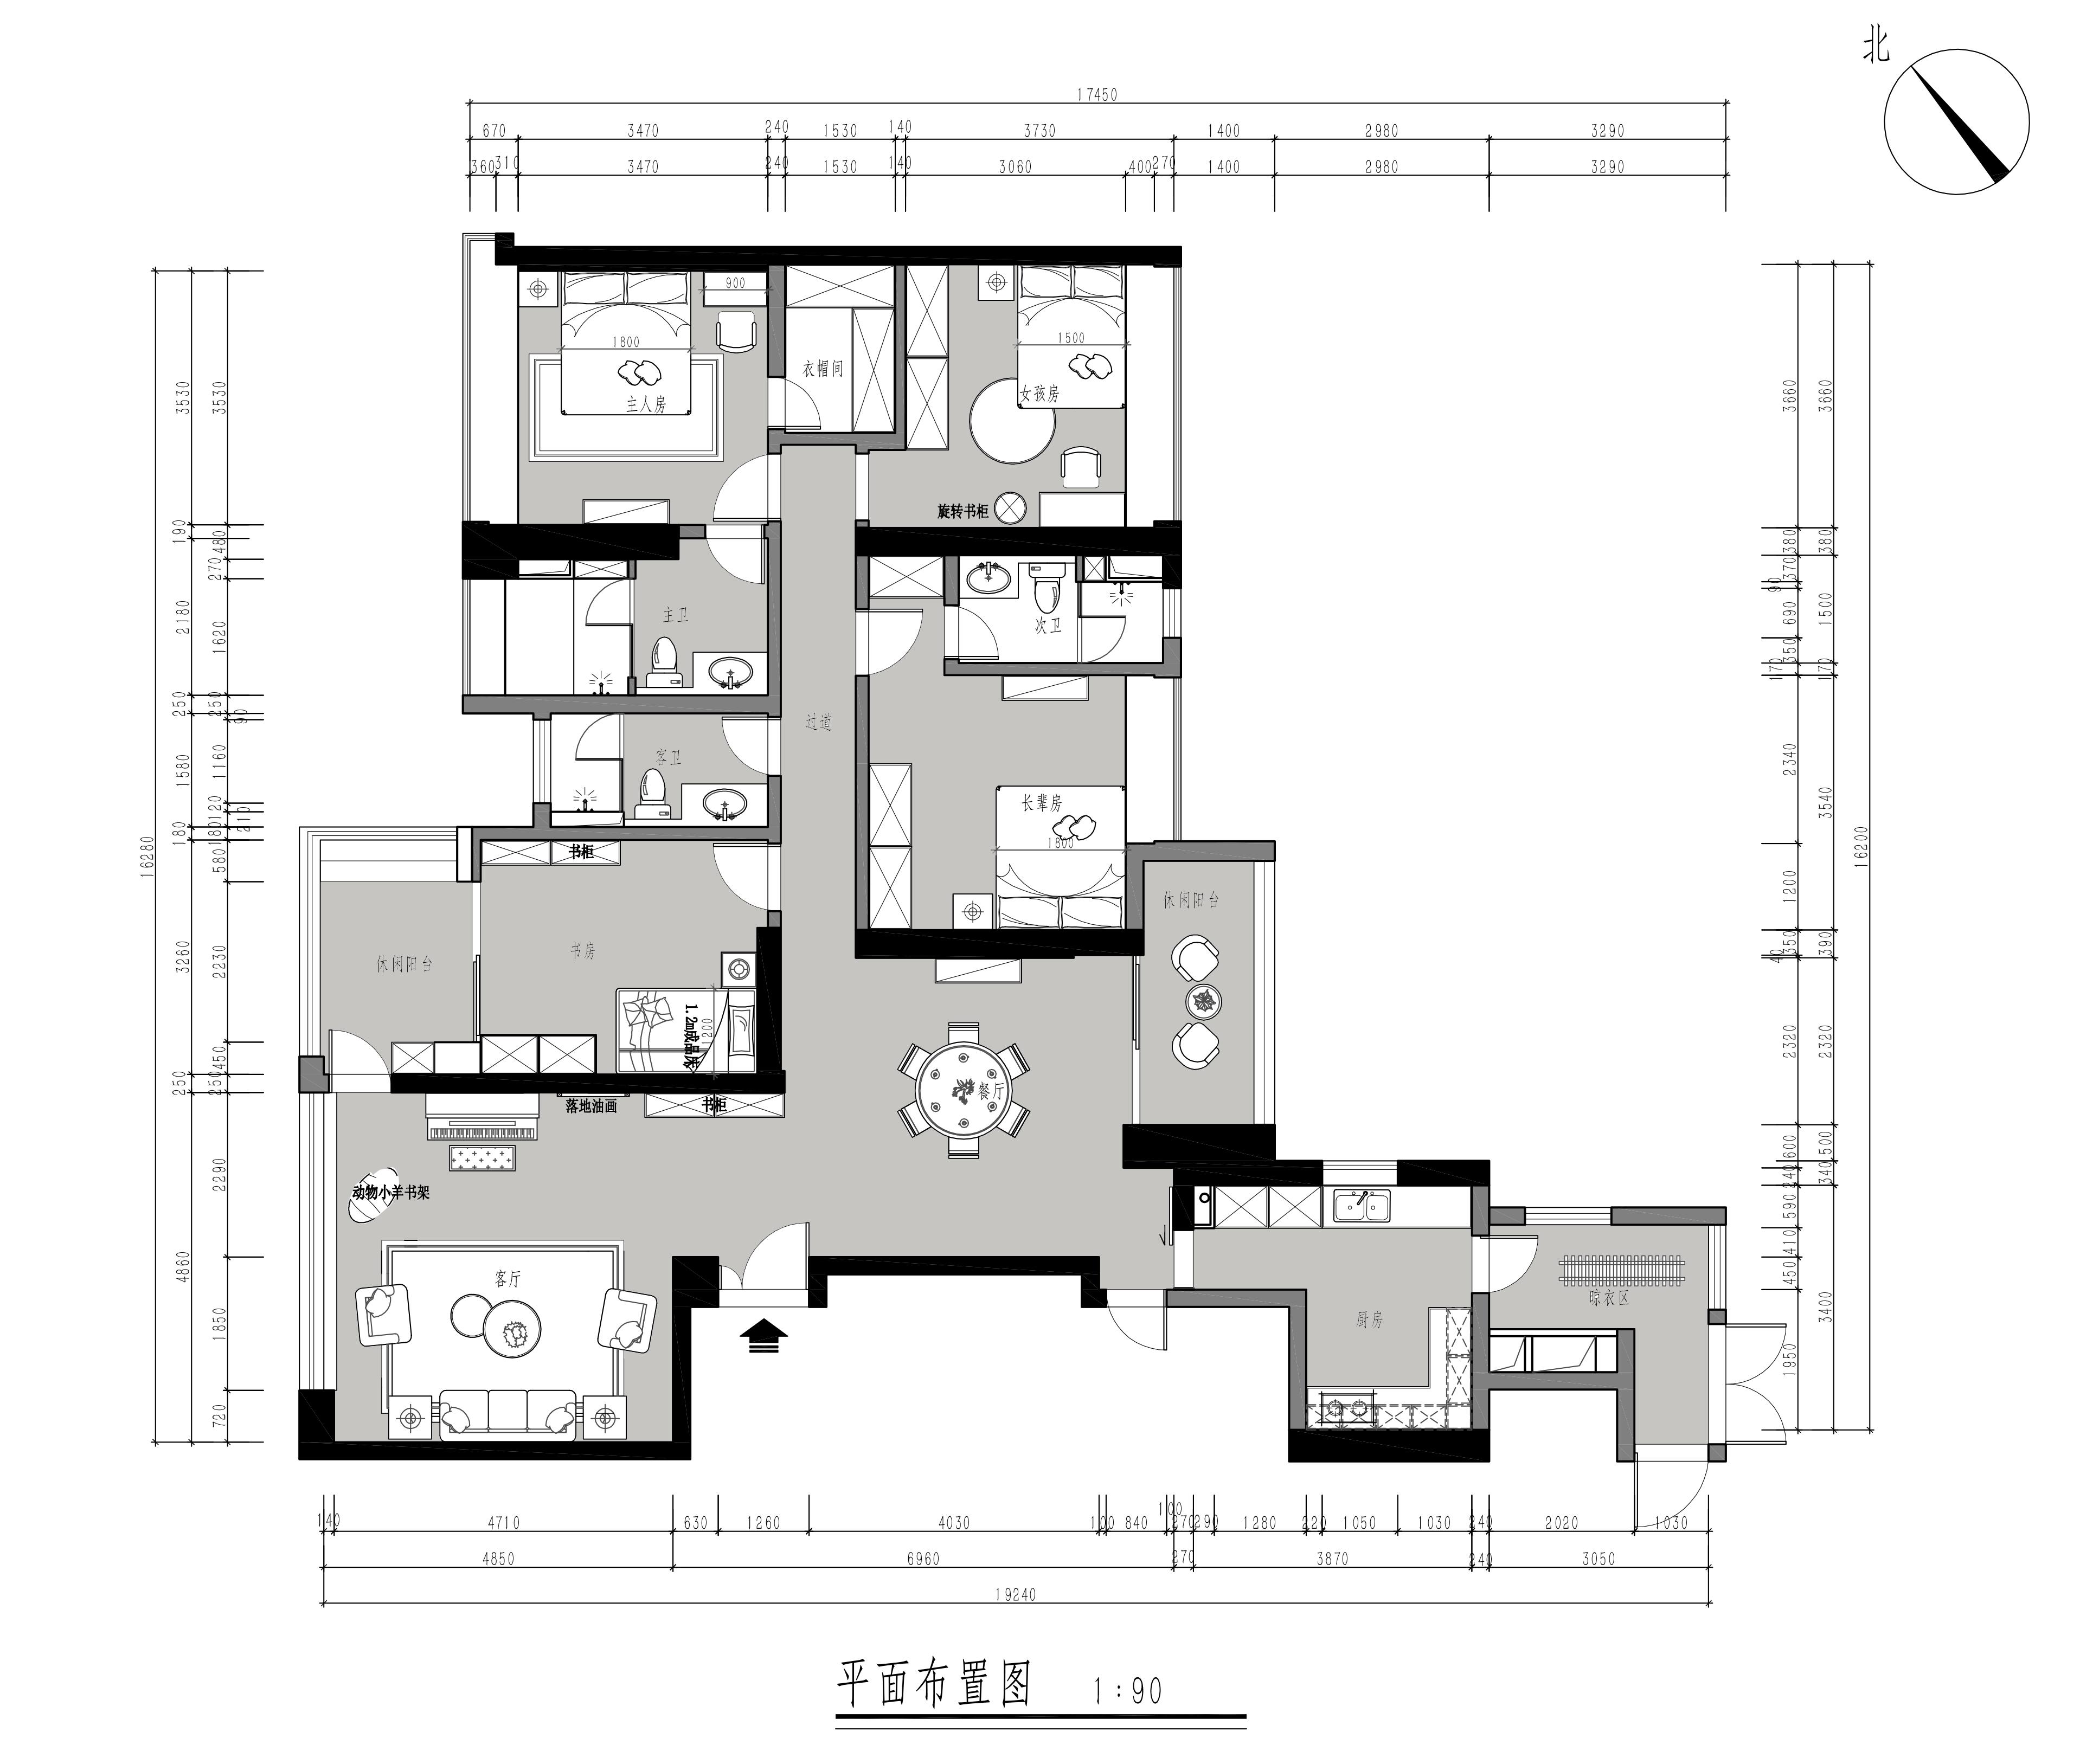 珠江公园颐德公馆轻美式160㎡套房案例效果装修设计理念